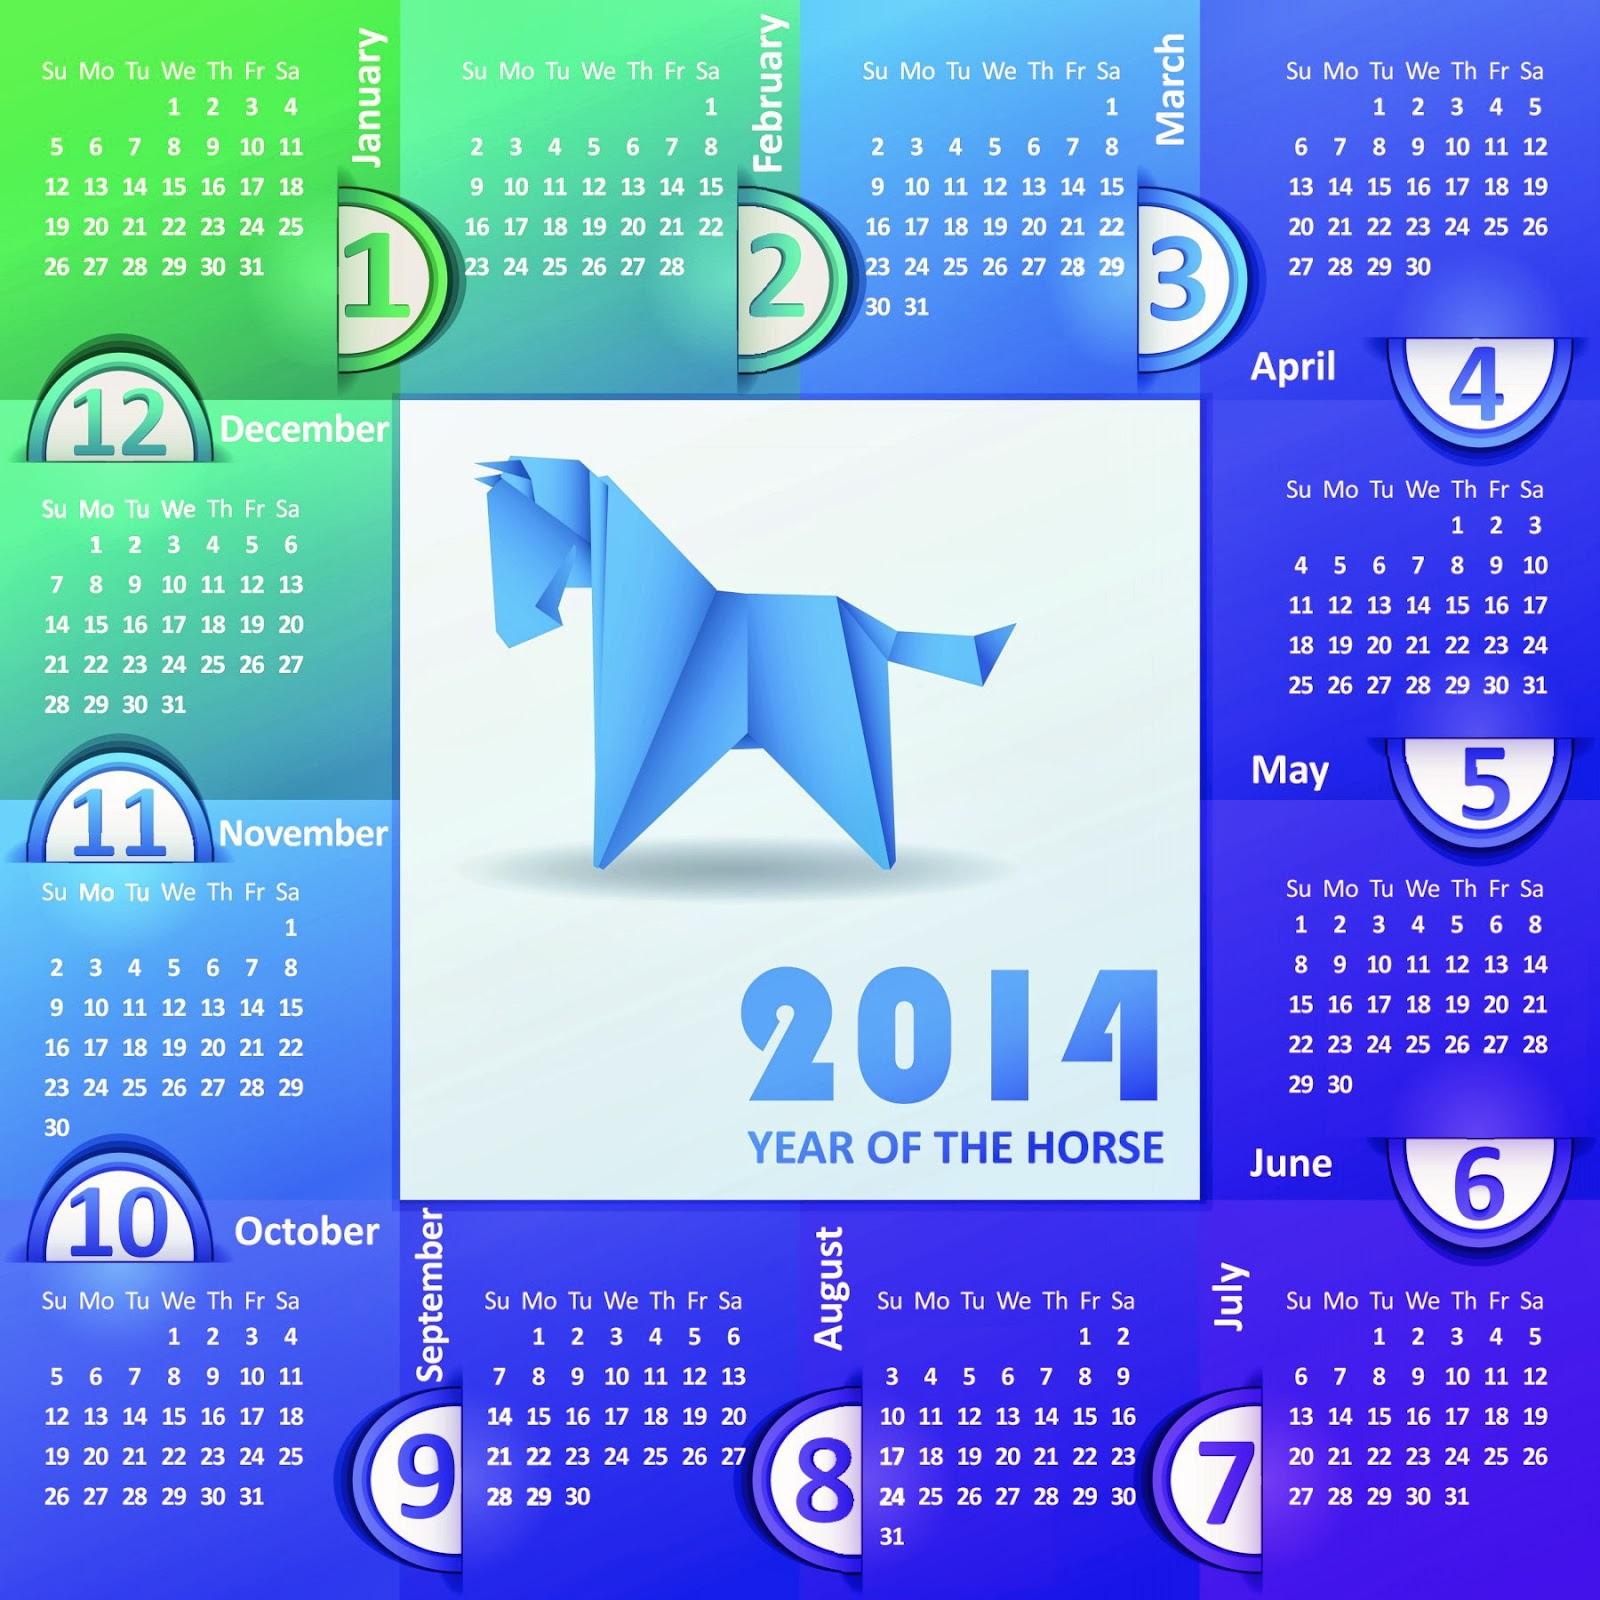 The horse Calendar